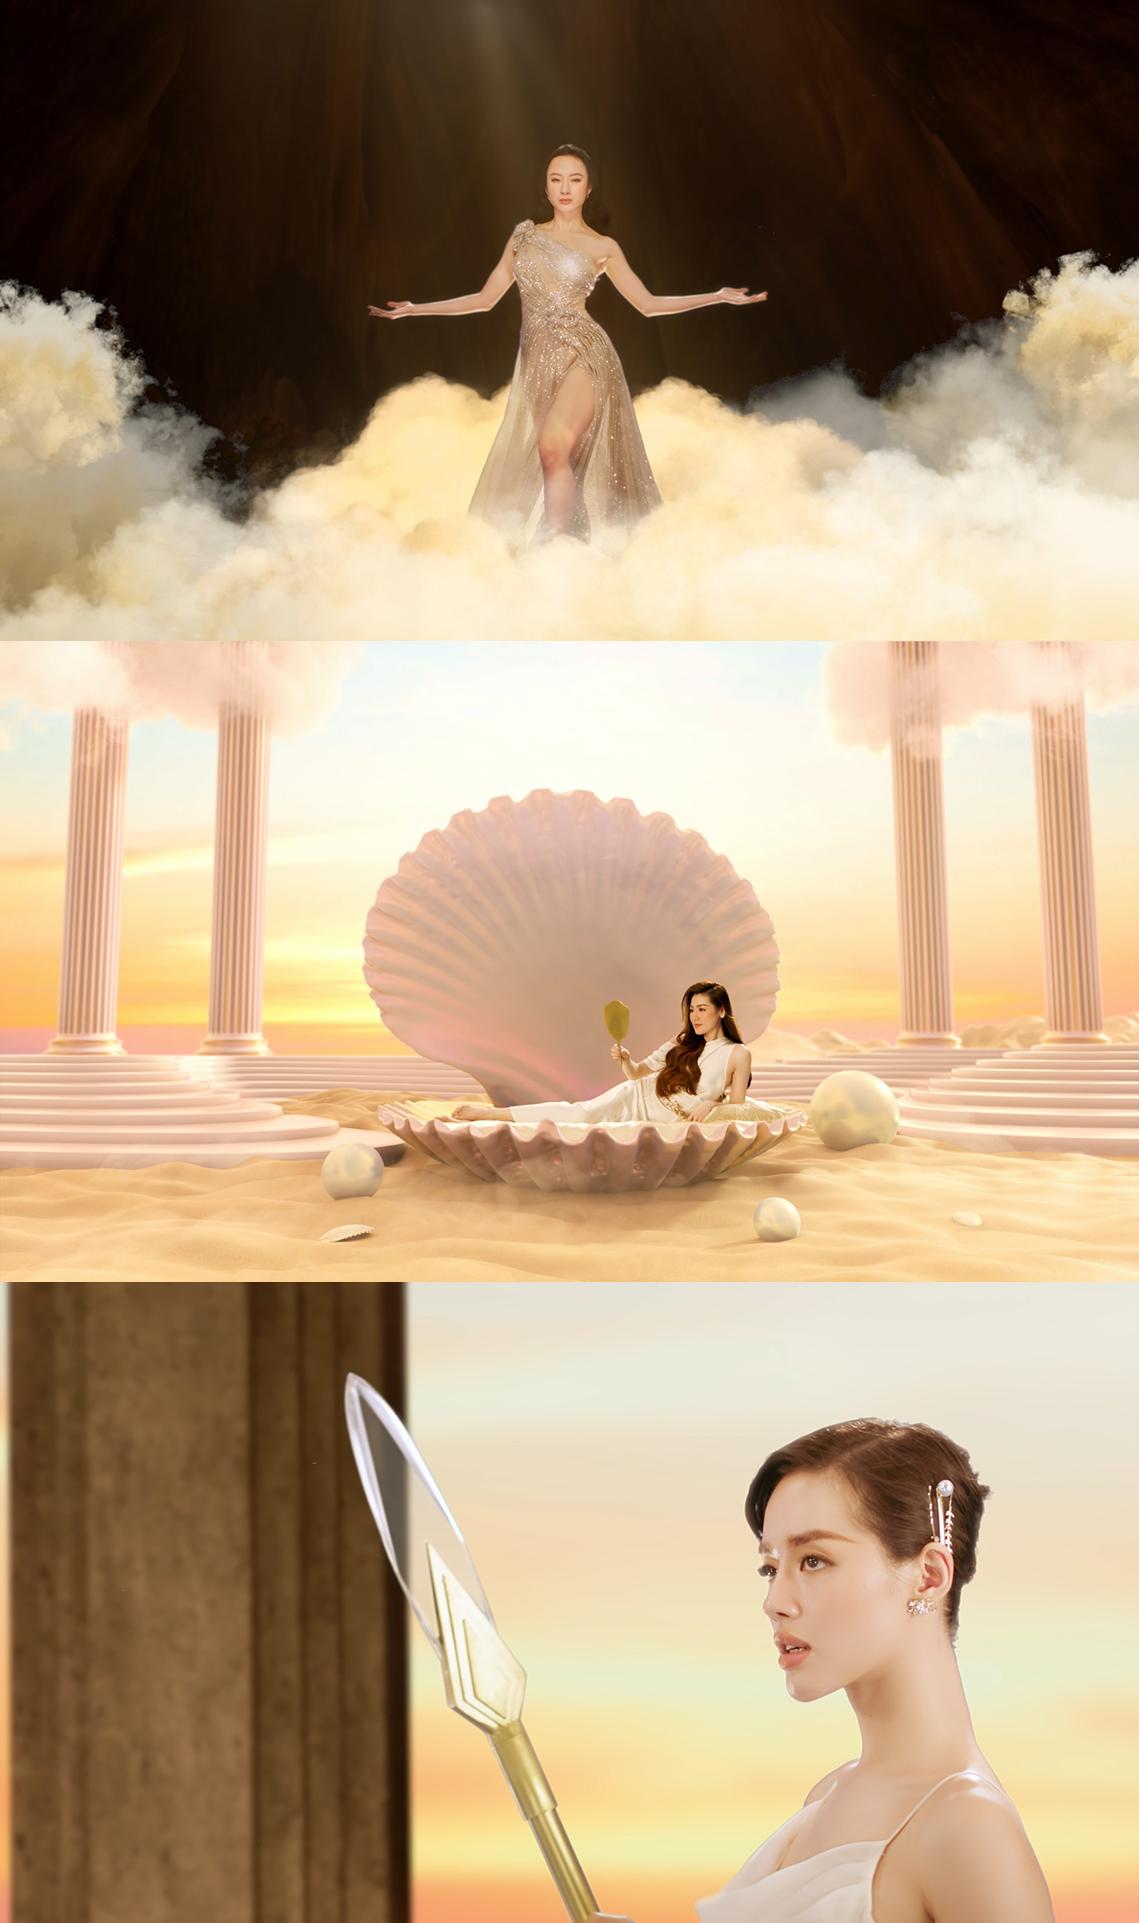 Hình ảnh 3 nữ thần LAMERCY đại diện cho Sự tự tin - Nhan sắc - Sức mạnh